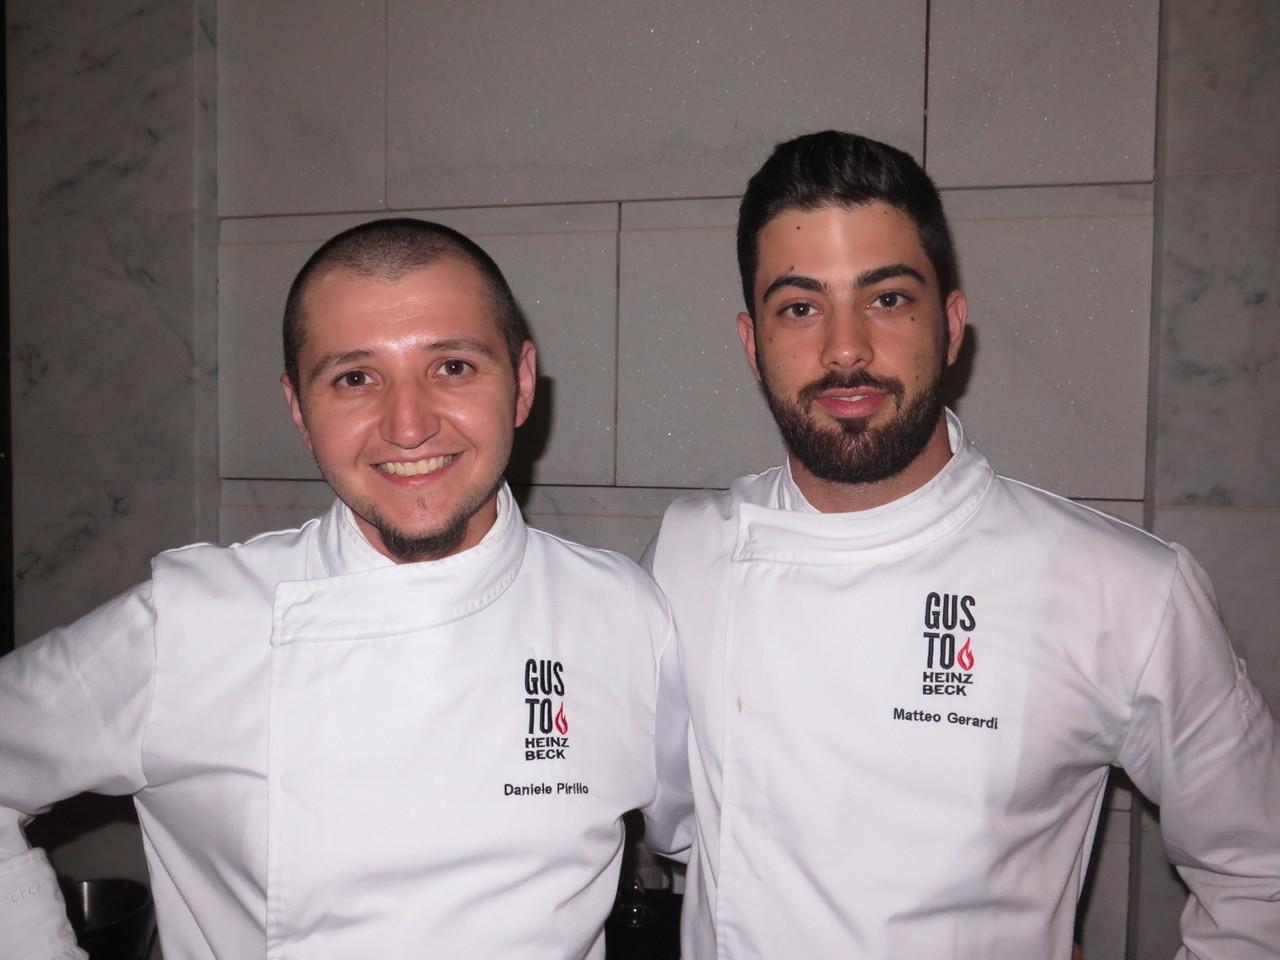 Chef Executivo Daniele Pirillo e Sub-Chef Matteo Gerardi